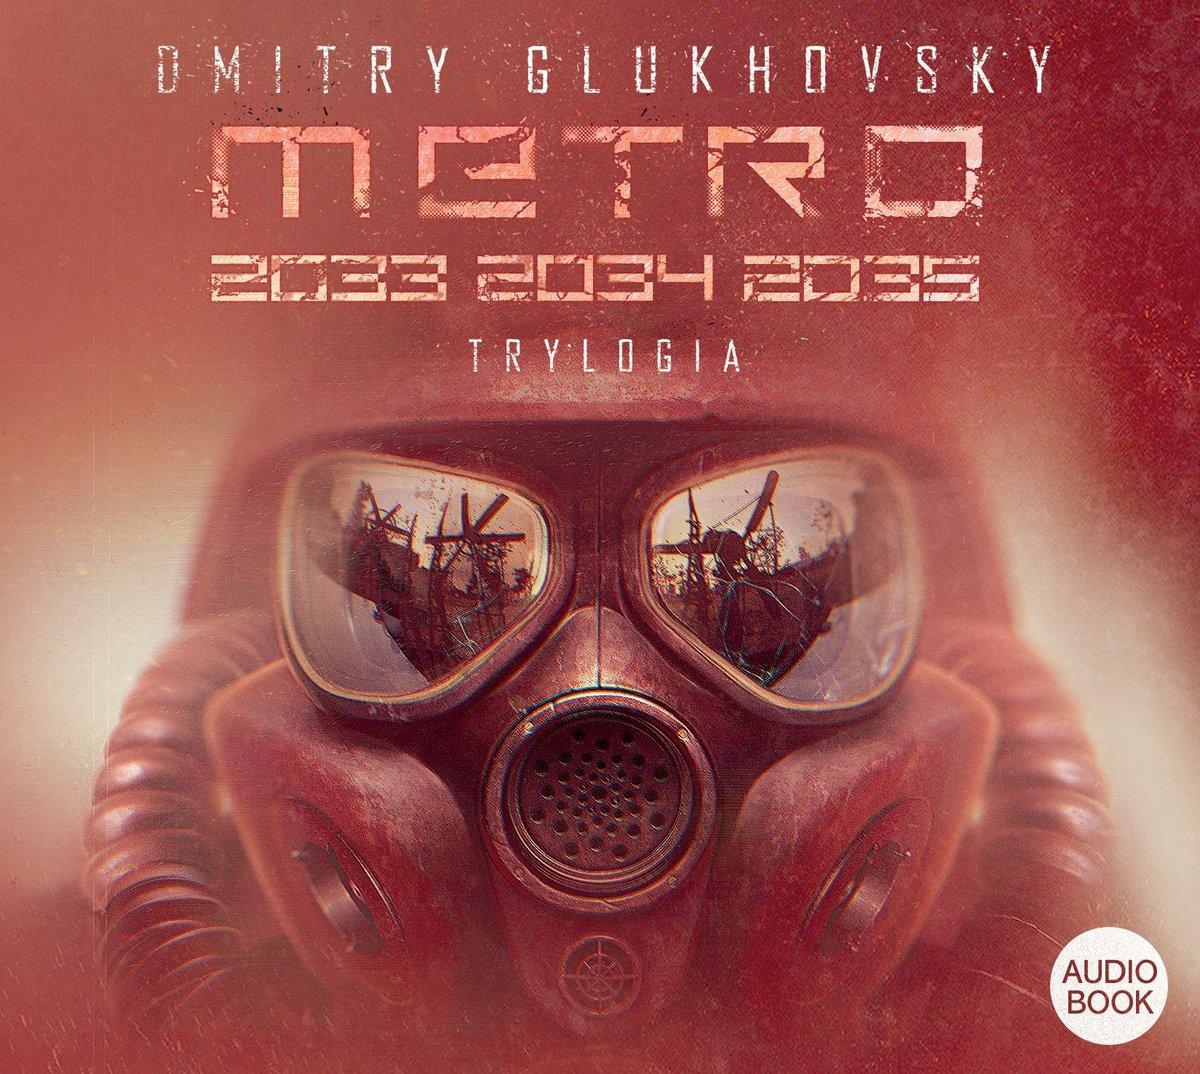 Glukhovsky Dmitry – Metro